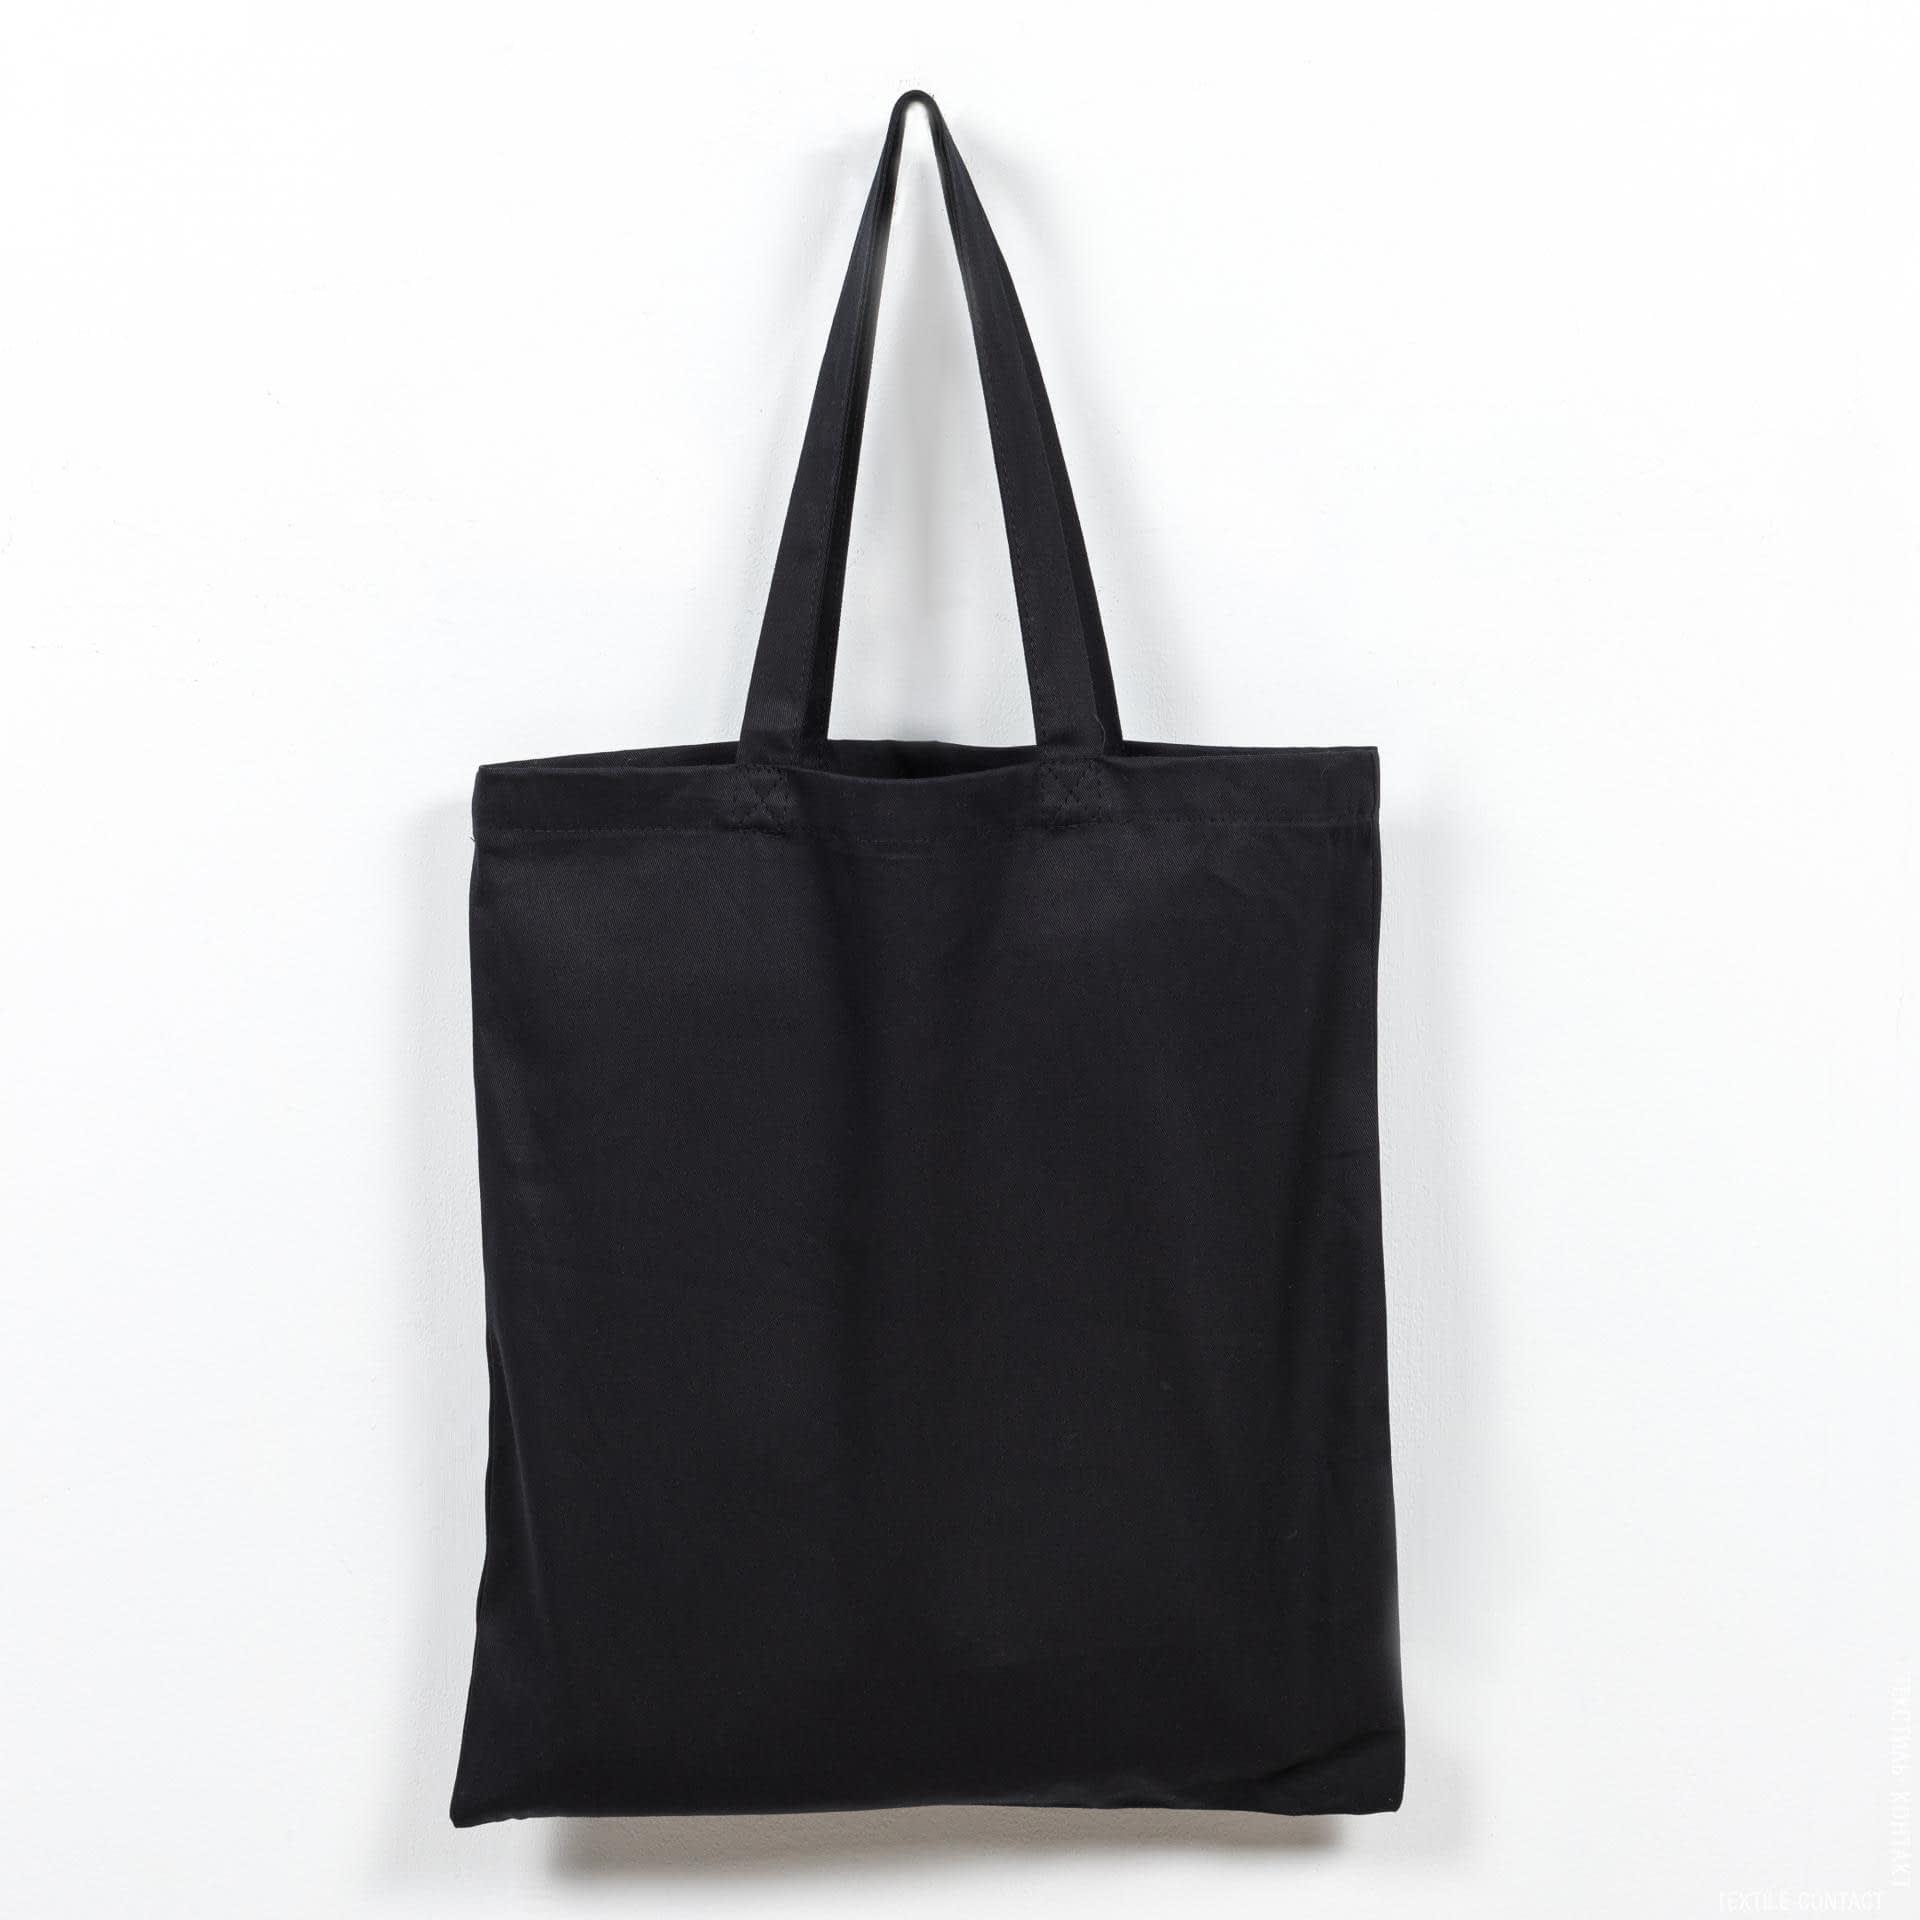 Ткани экосумка - Экосумка саржа черный (ручка 70 см)